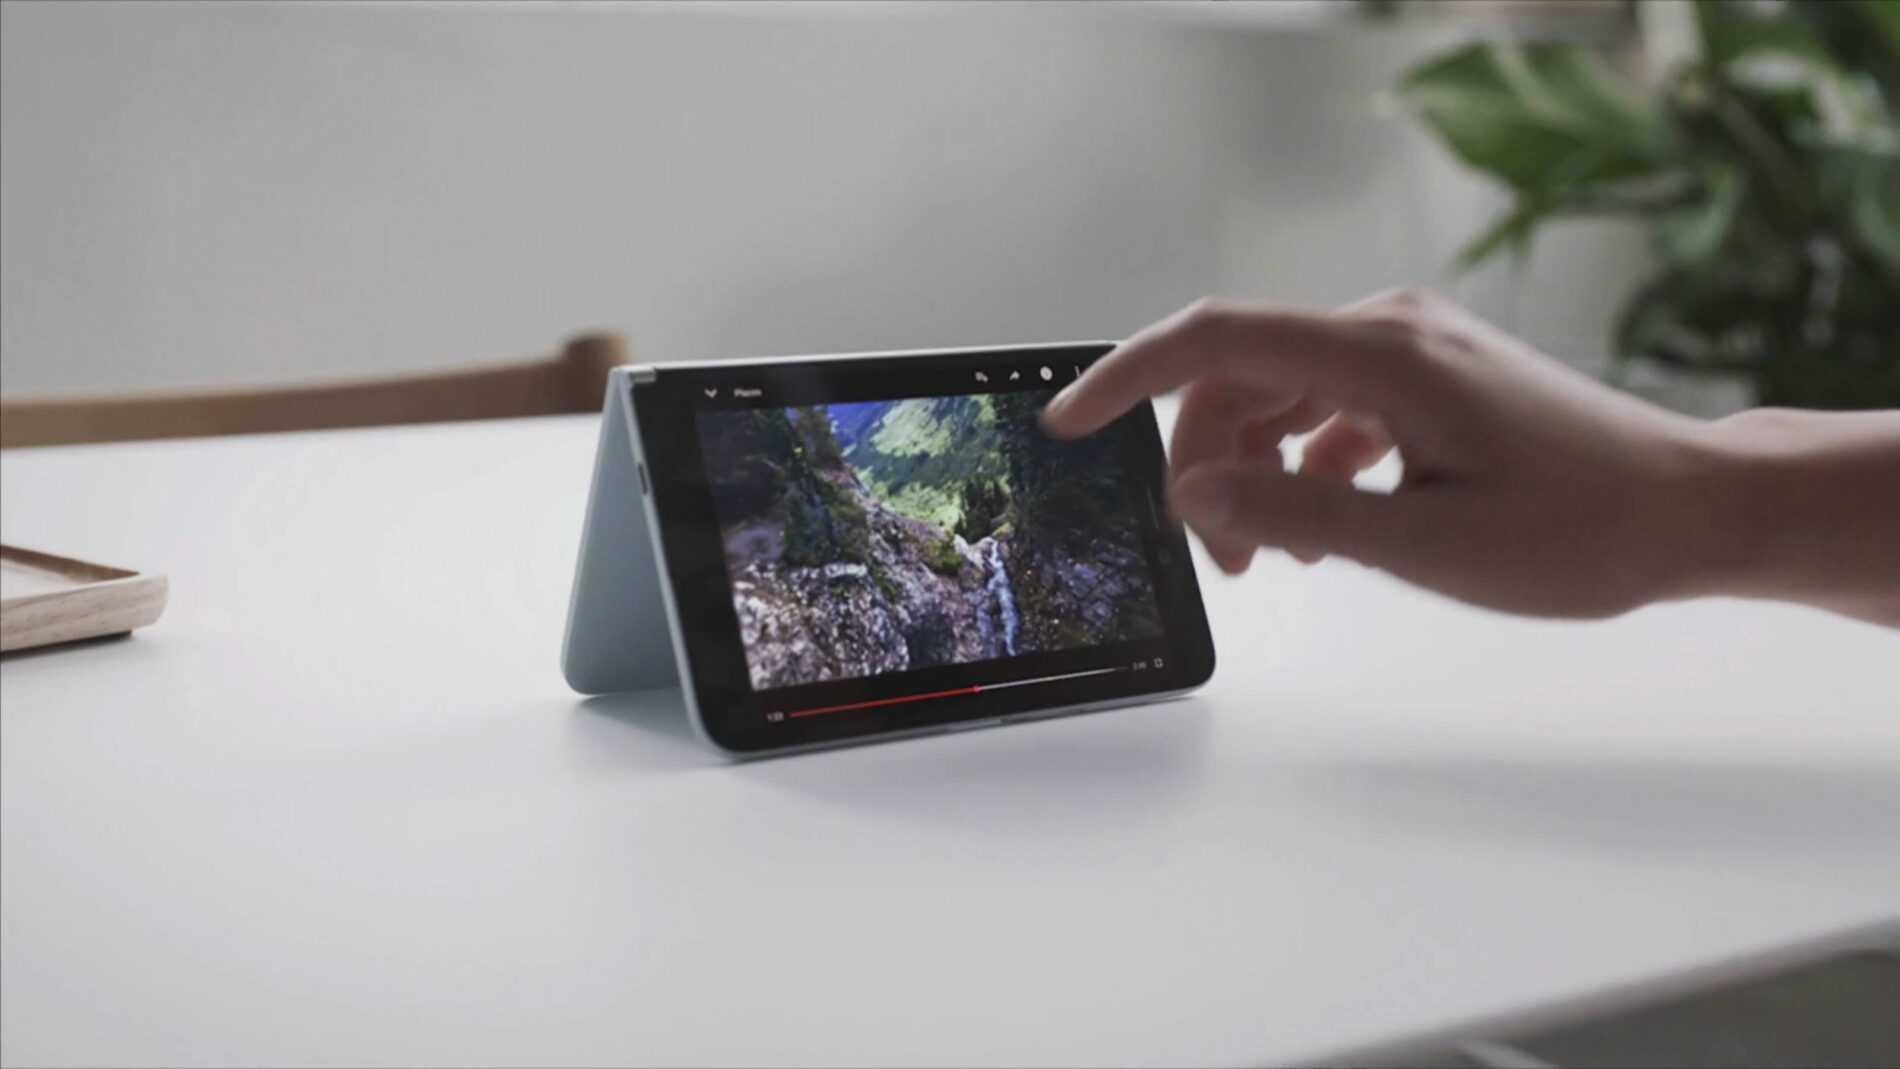 Le leader de la photographie chez Nokia Lumia revient dans l'équipe Microsoft Surface